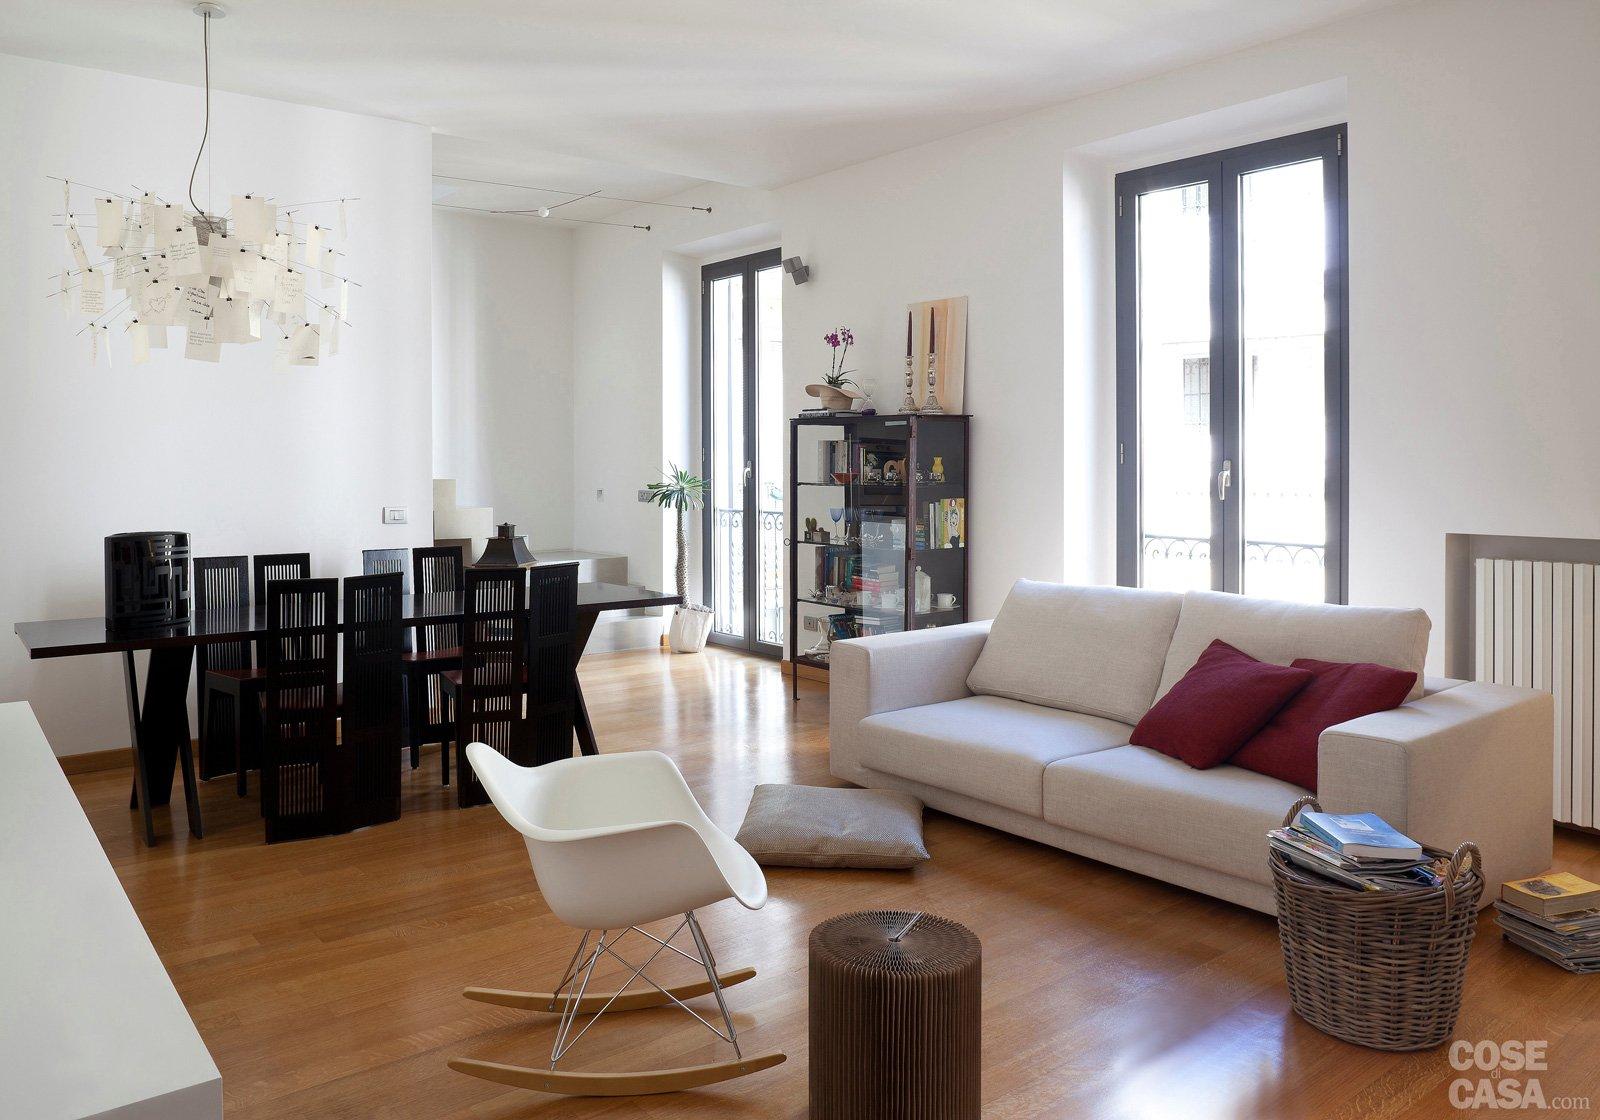 Una casa da copiare 10 idee tra spunti d 39 arredo e decor for Cosa mettere dietro il divano